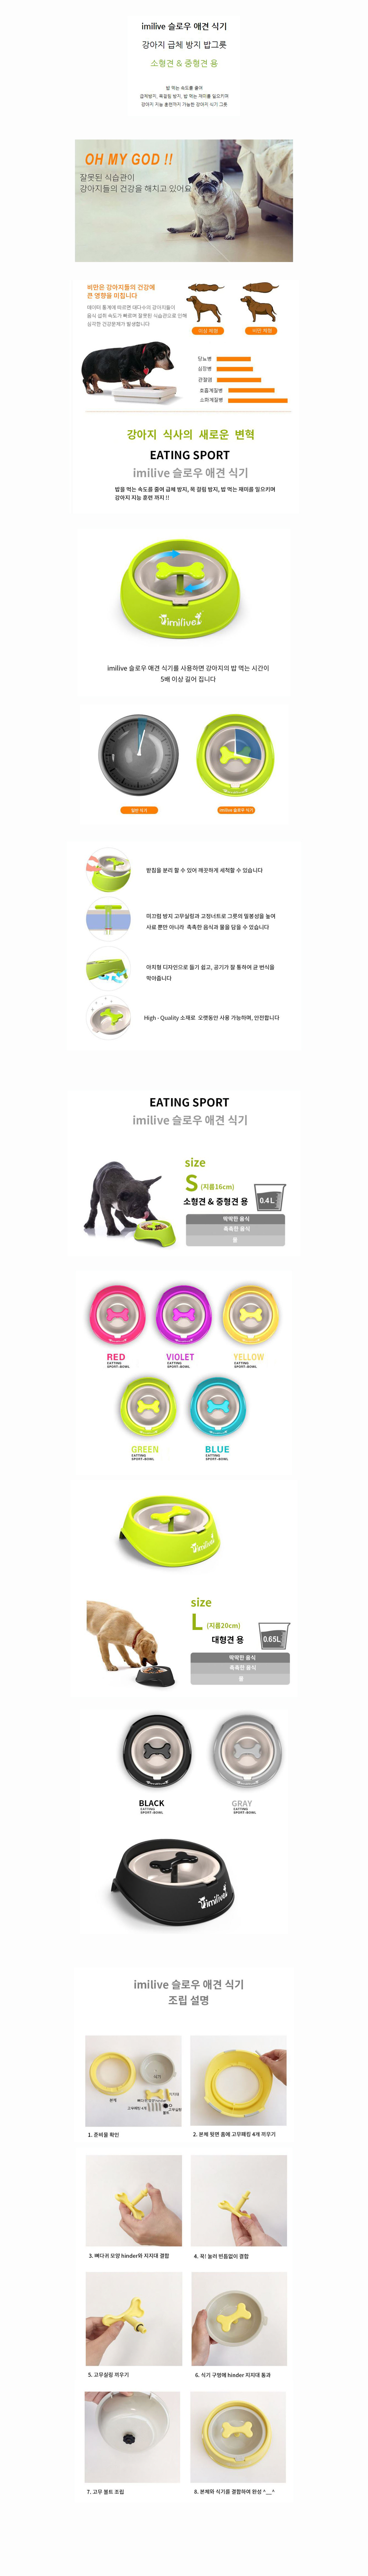 유앤펫 milive 슬로우 애견 식기 (소형견&중형견 용) - 유앤펫, 16,740원, 급수/급식기, 식기/식탁